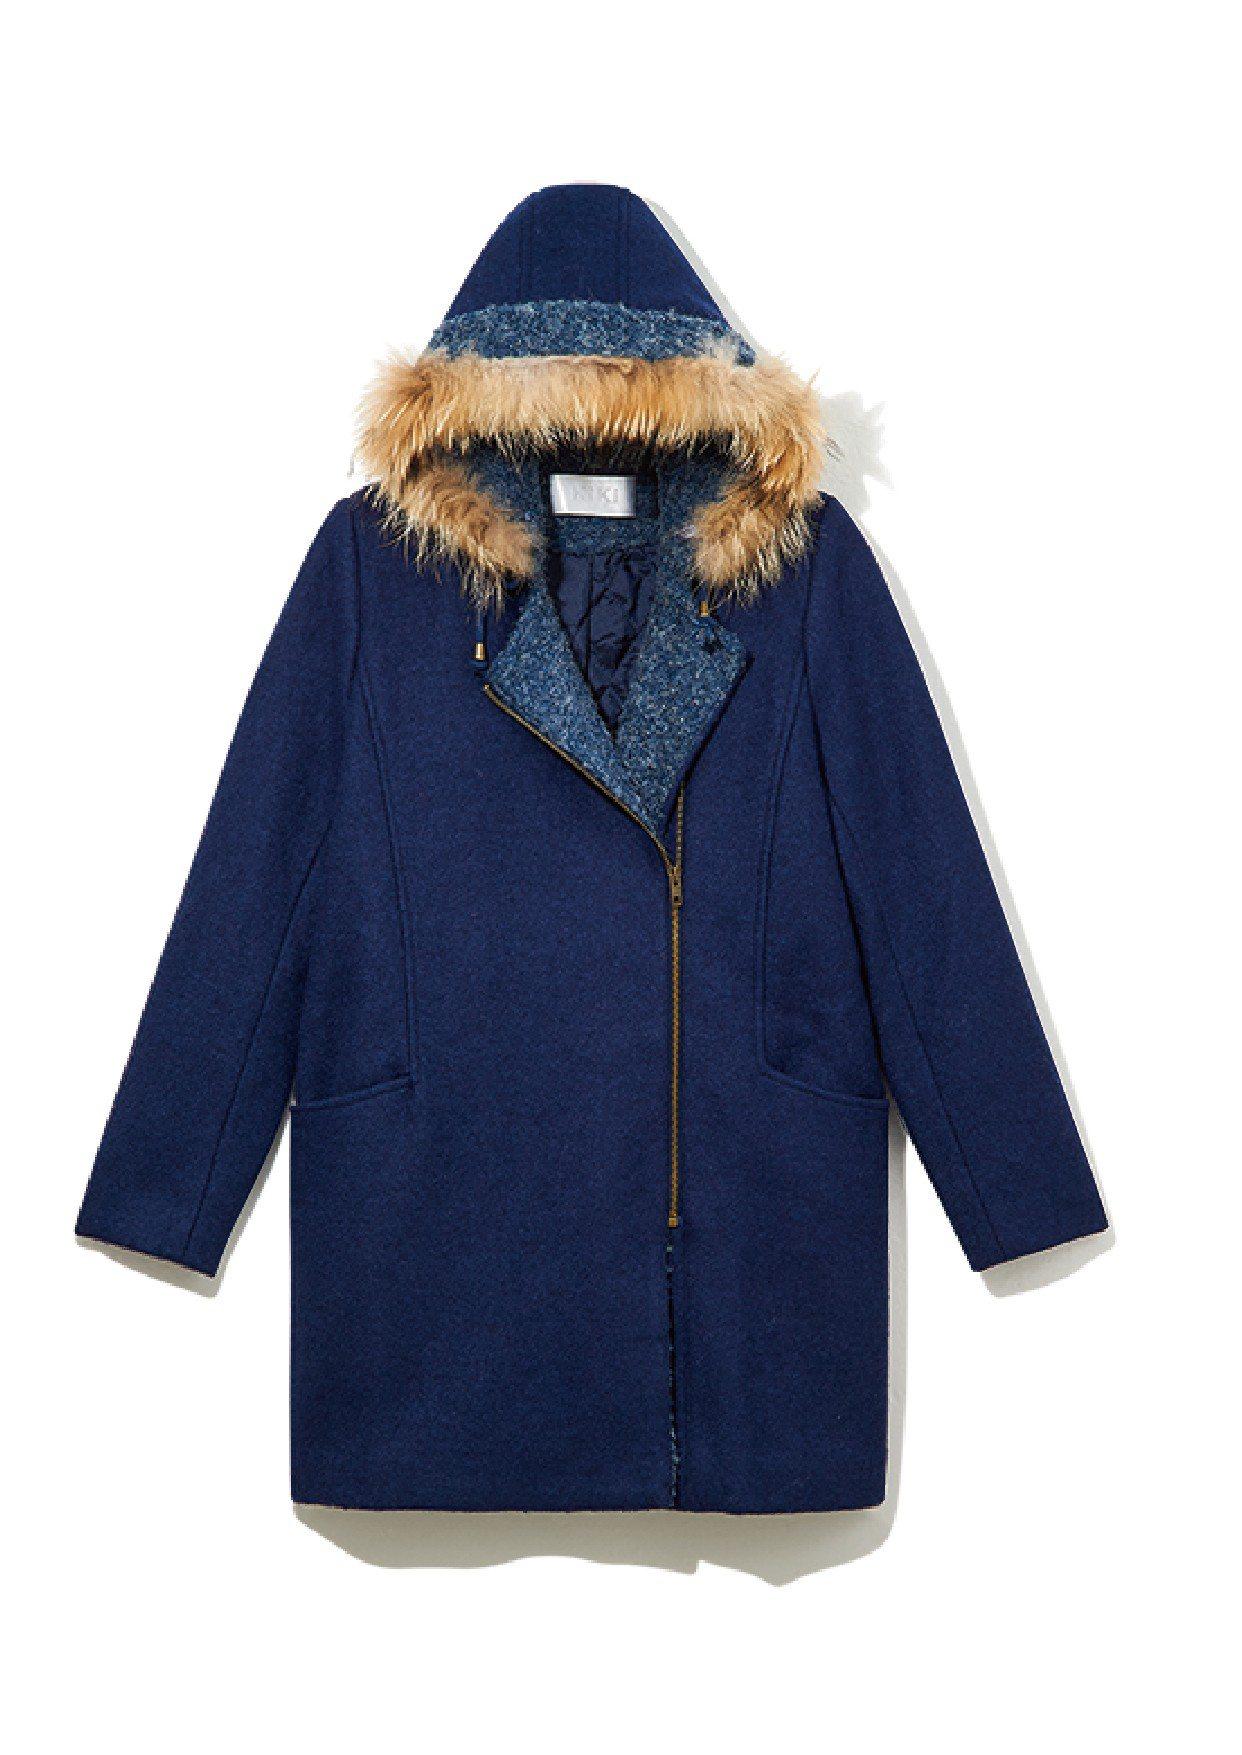 禦寒服飾全面2折起,KIKI毛絨外套, 原價6,980 元、特價1,280元。圖...